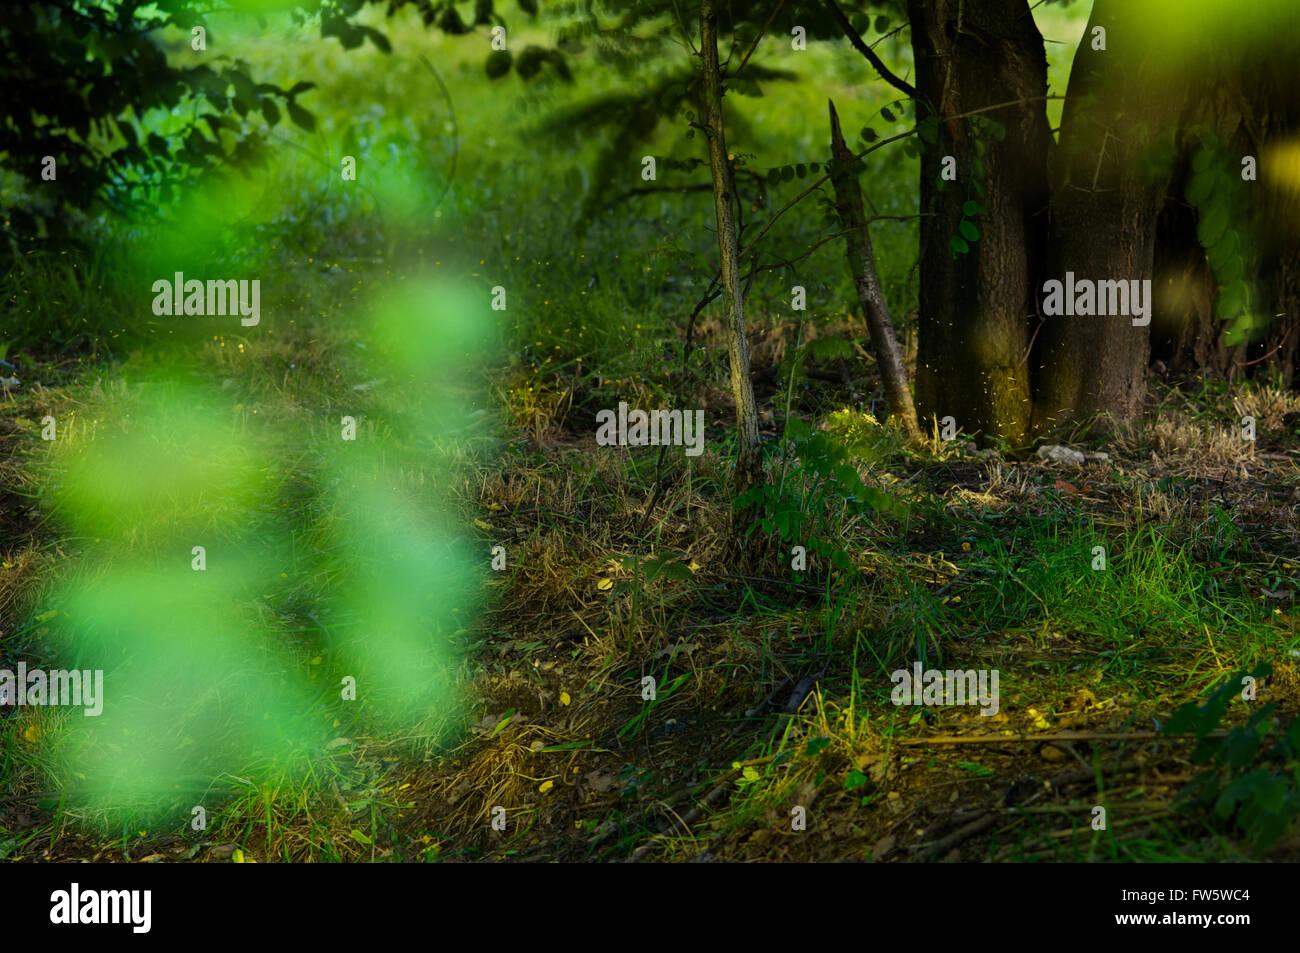 Minuscole lucciole illuminano il sottobosco - Stock Image